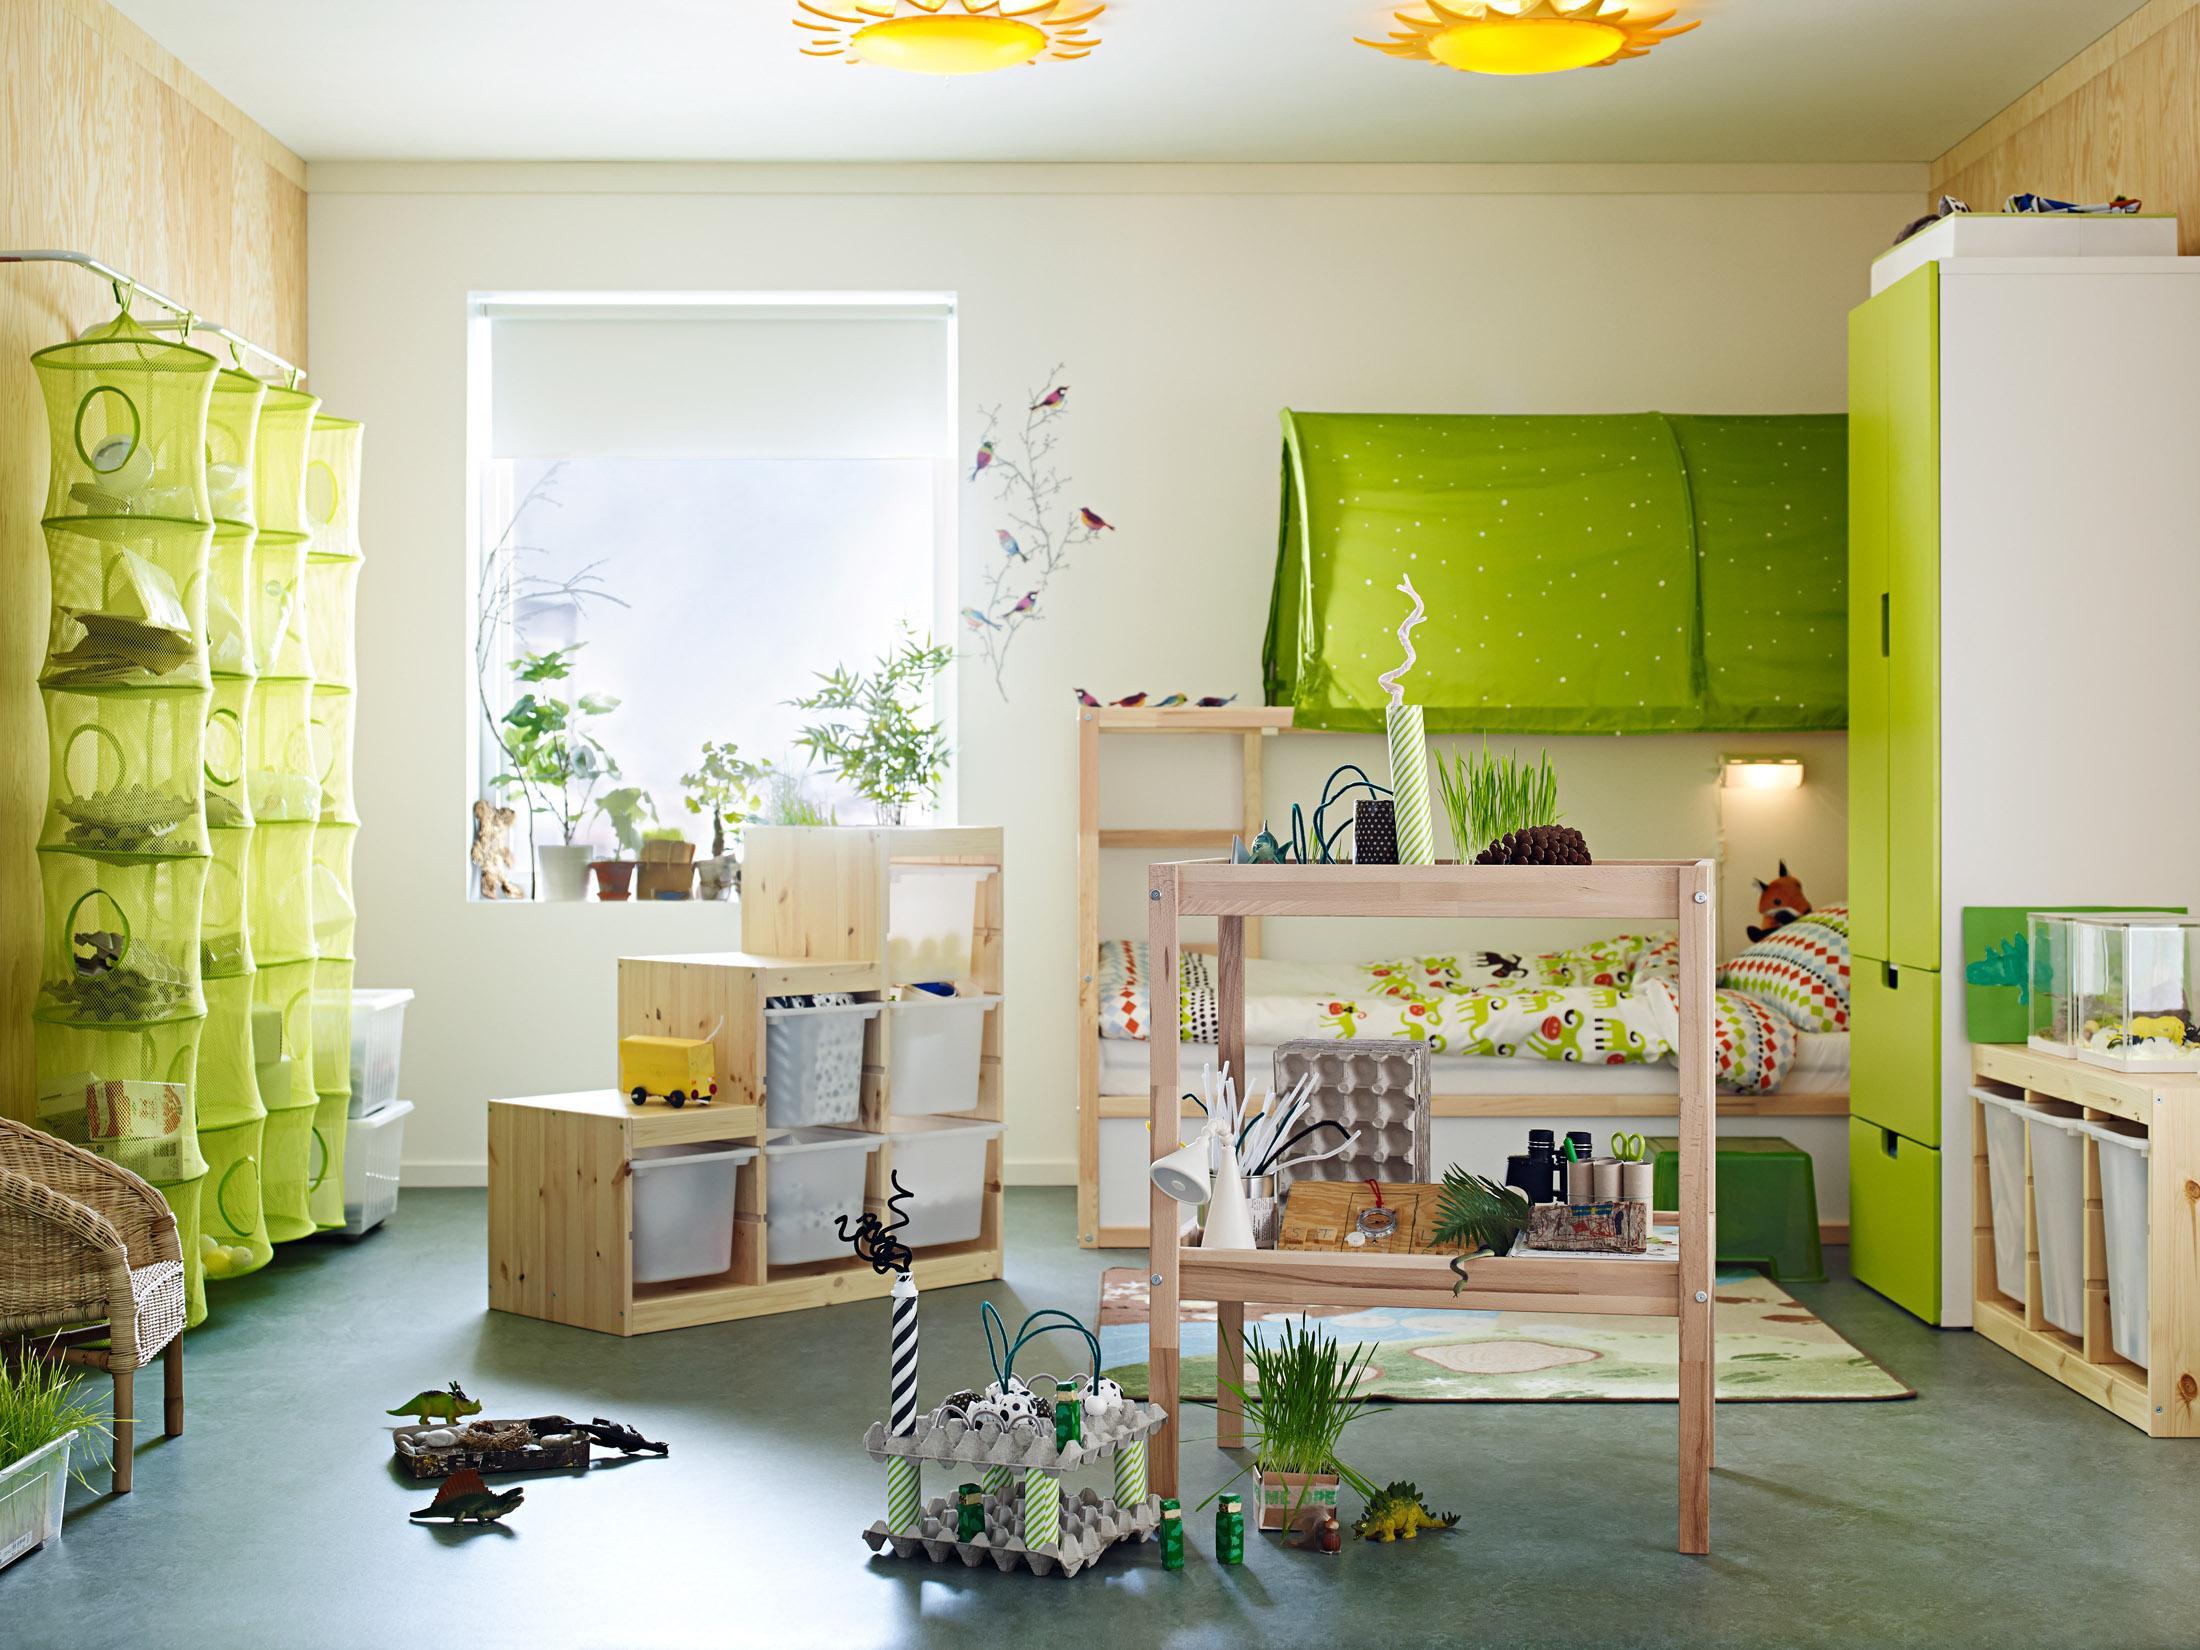 Full Size of Wandschablonen Kinderzimmer Machen Aus Deinen Wnden Einen Blickfang Regal Weiß Regale Sofa Kinderzimmer Wandschablonen Kinderzimmer